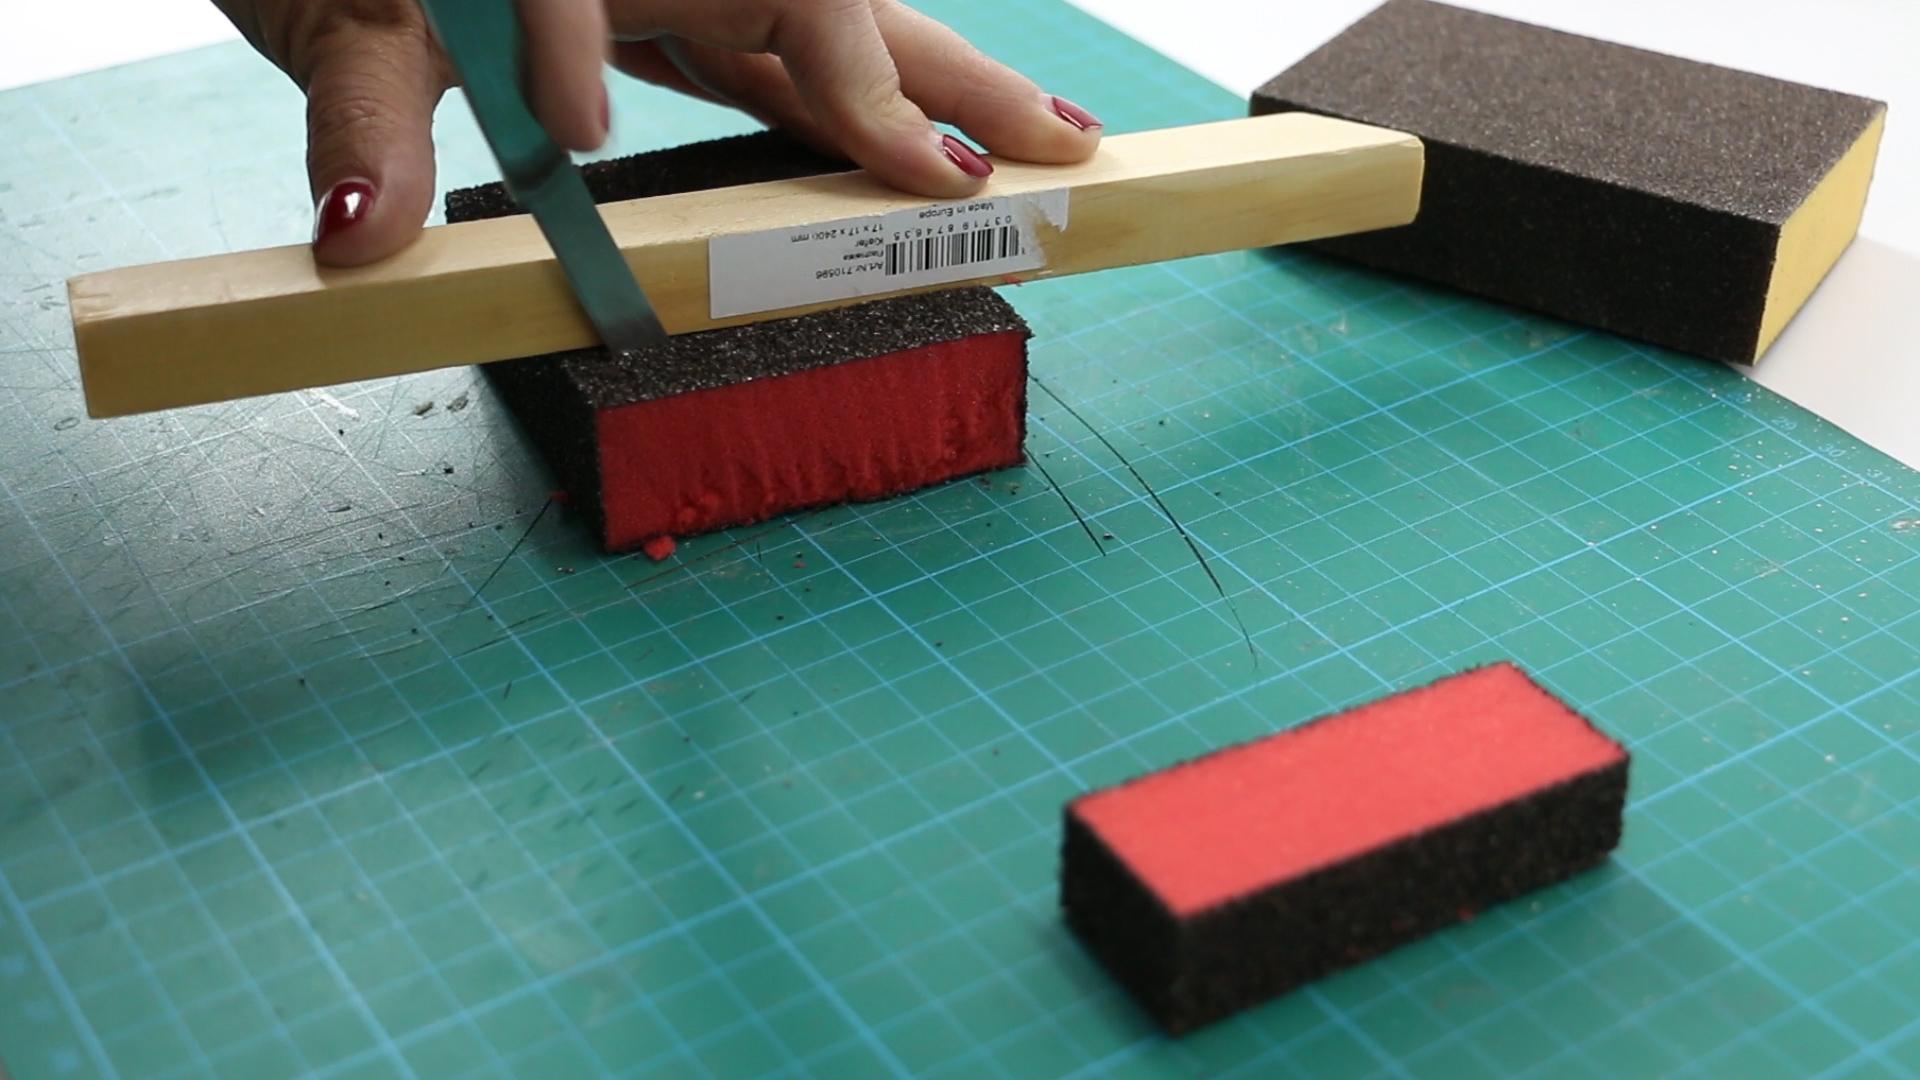 DIY CUADRO SKYLINE CON WASHI Y LIJAS.Imagen fija015